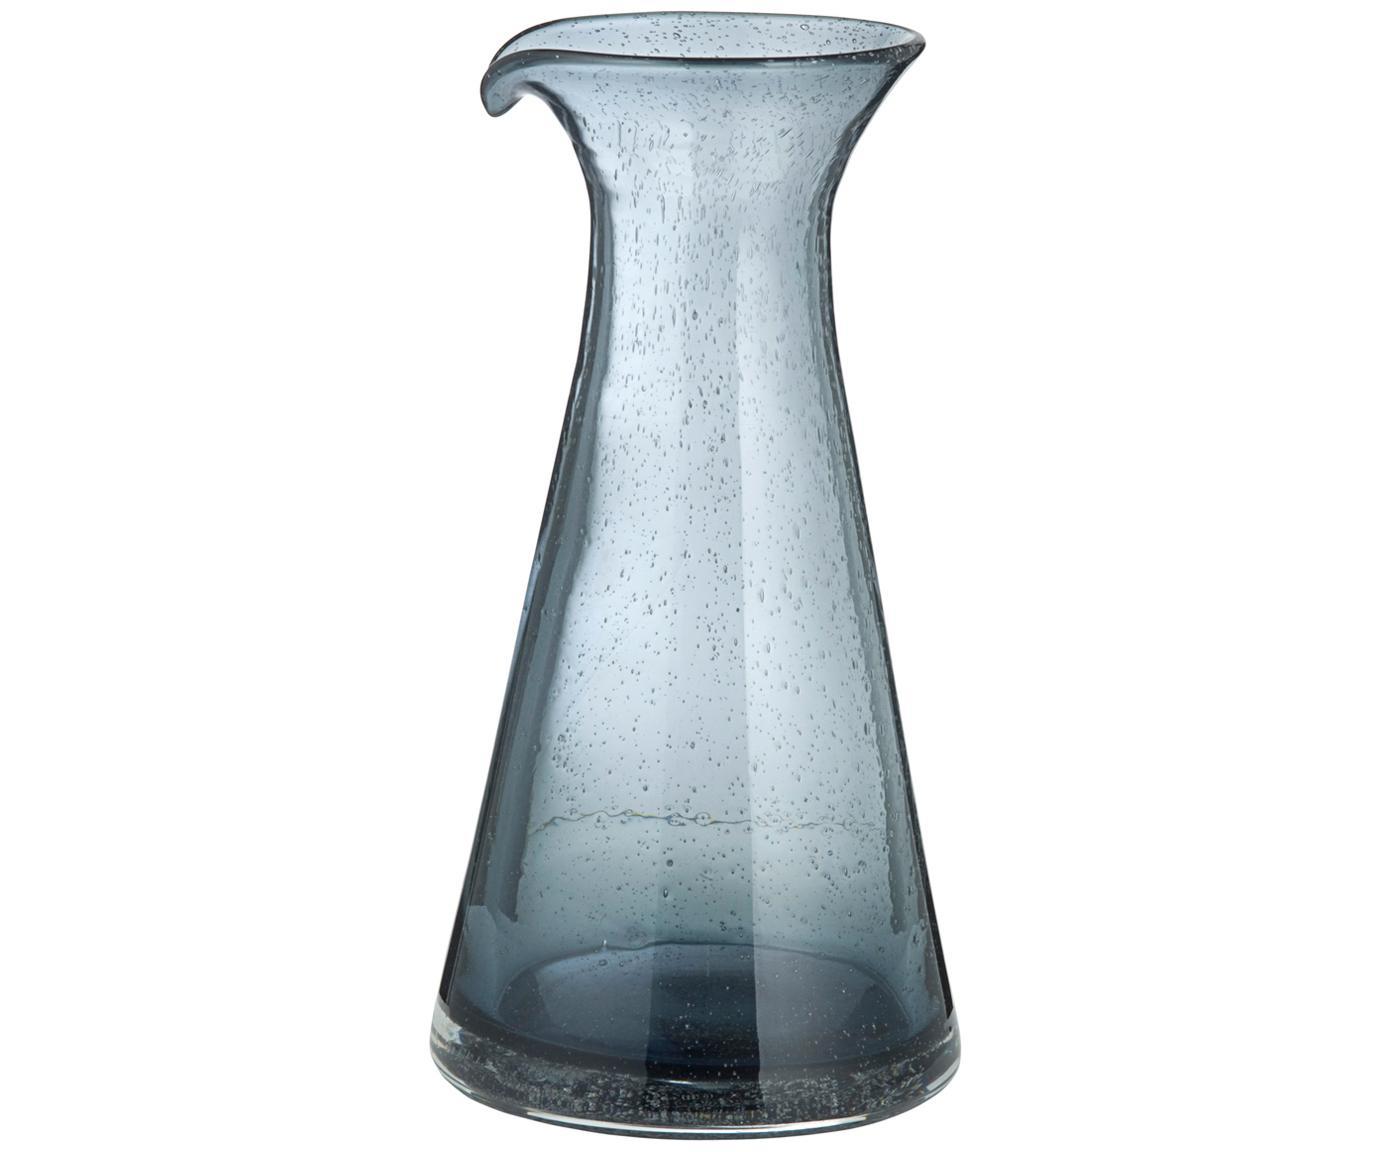 Karafka ze szkła dmuchanego Bubble, Szkło, Transparentnyny, szary, 800 ml